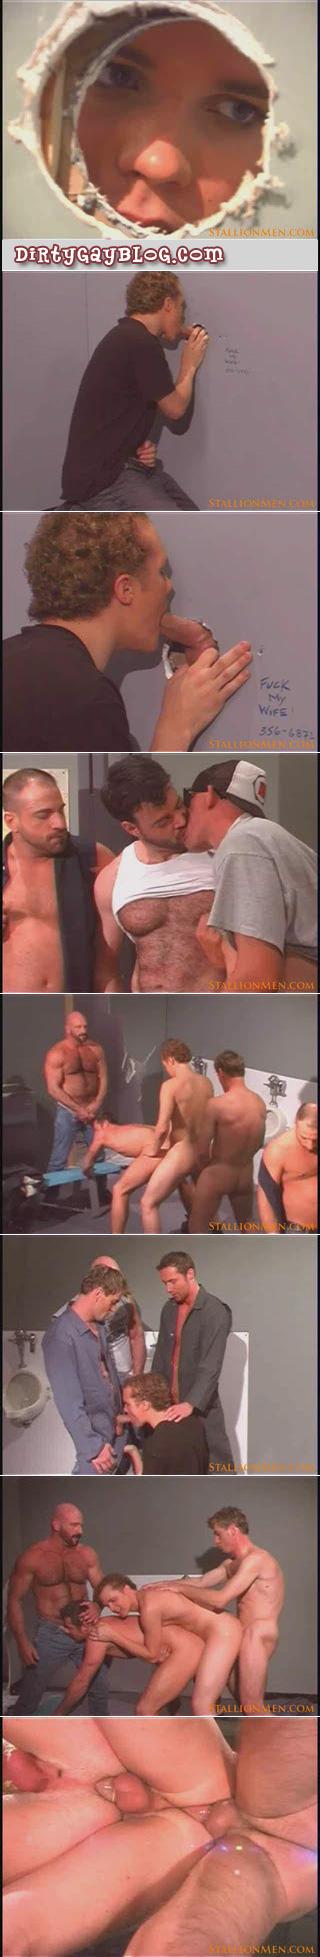 ebony gay free full lenght movies